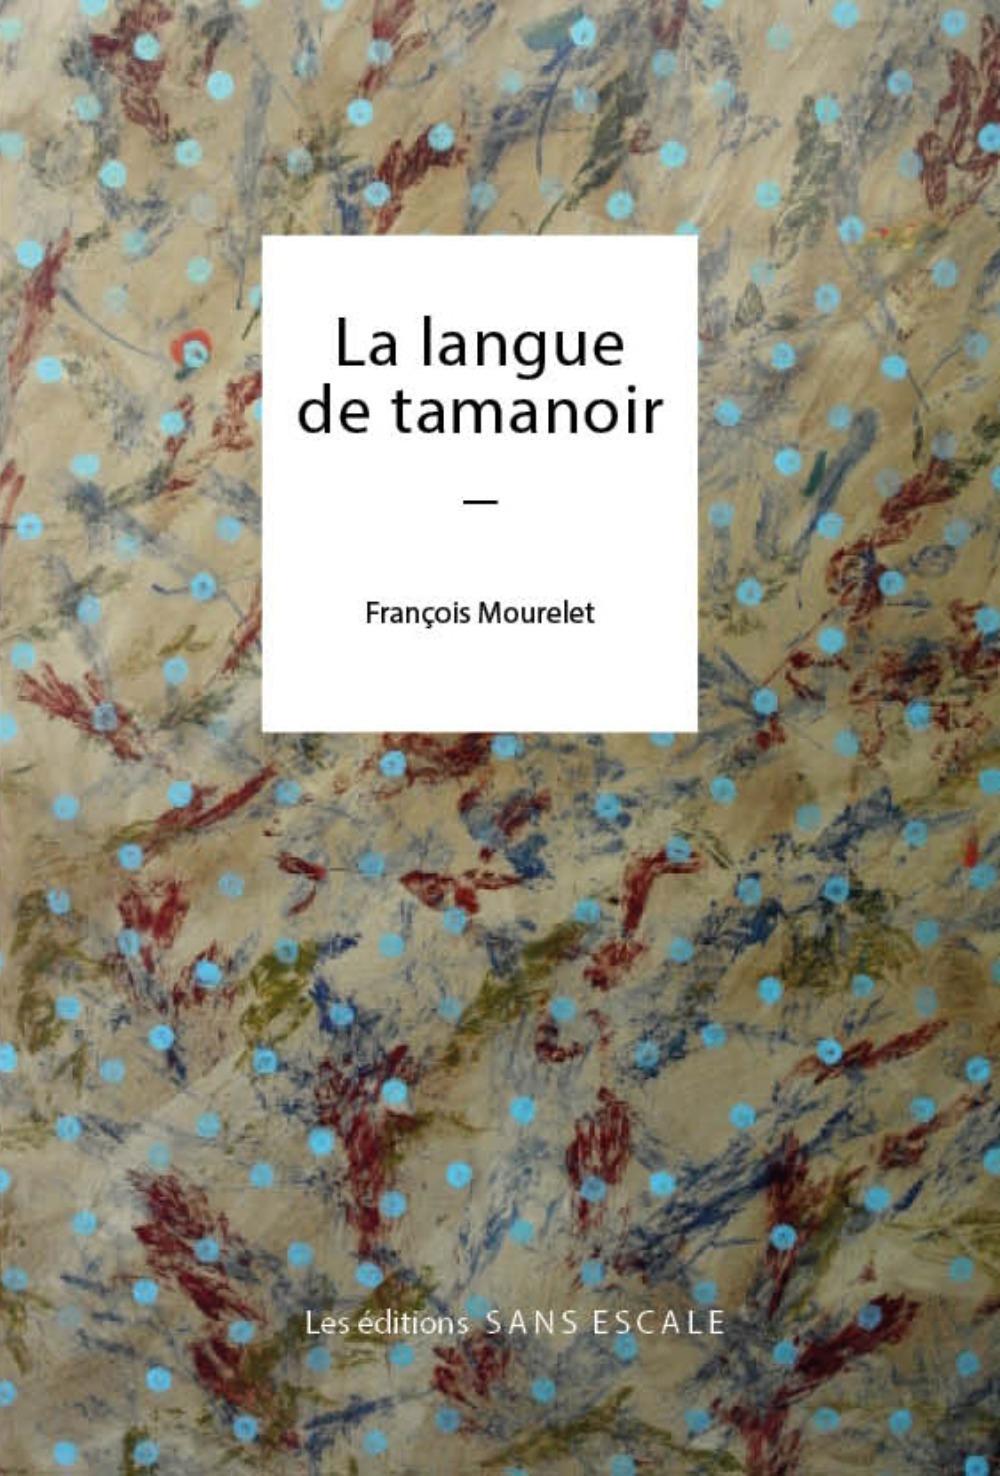 LA LANGUE DE TAMANOIR